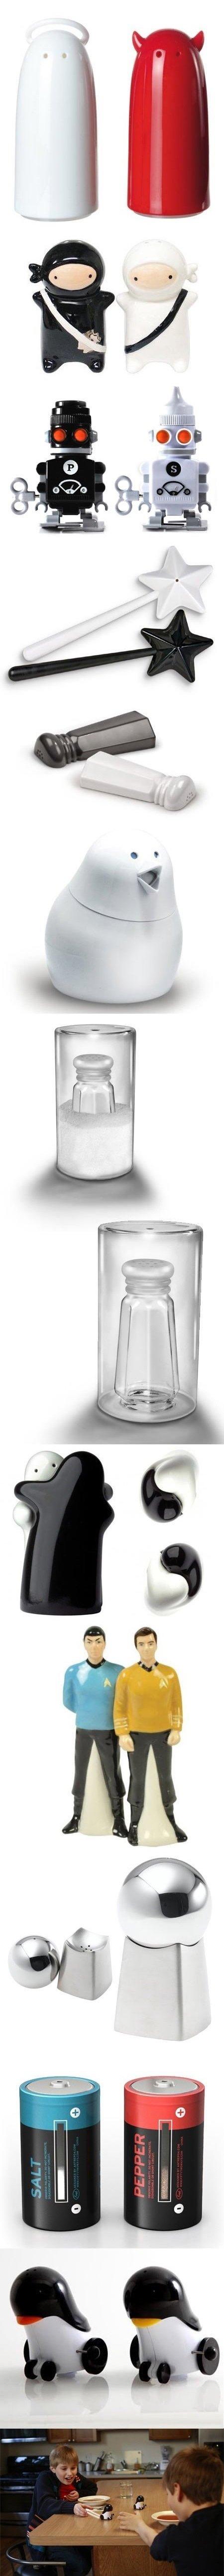 Salt and Pepper Shakers. Yo muh , pass da salt.. Salt and Pepper Shakers Yo muh pass da salt